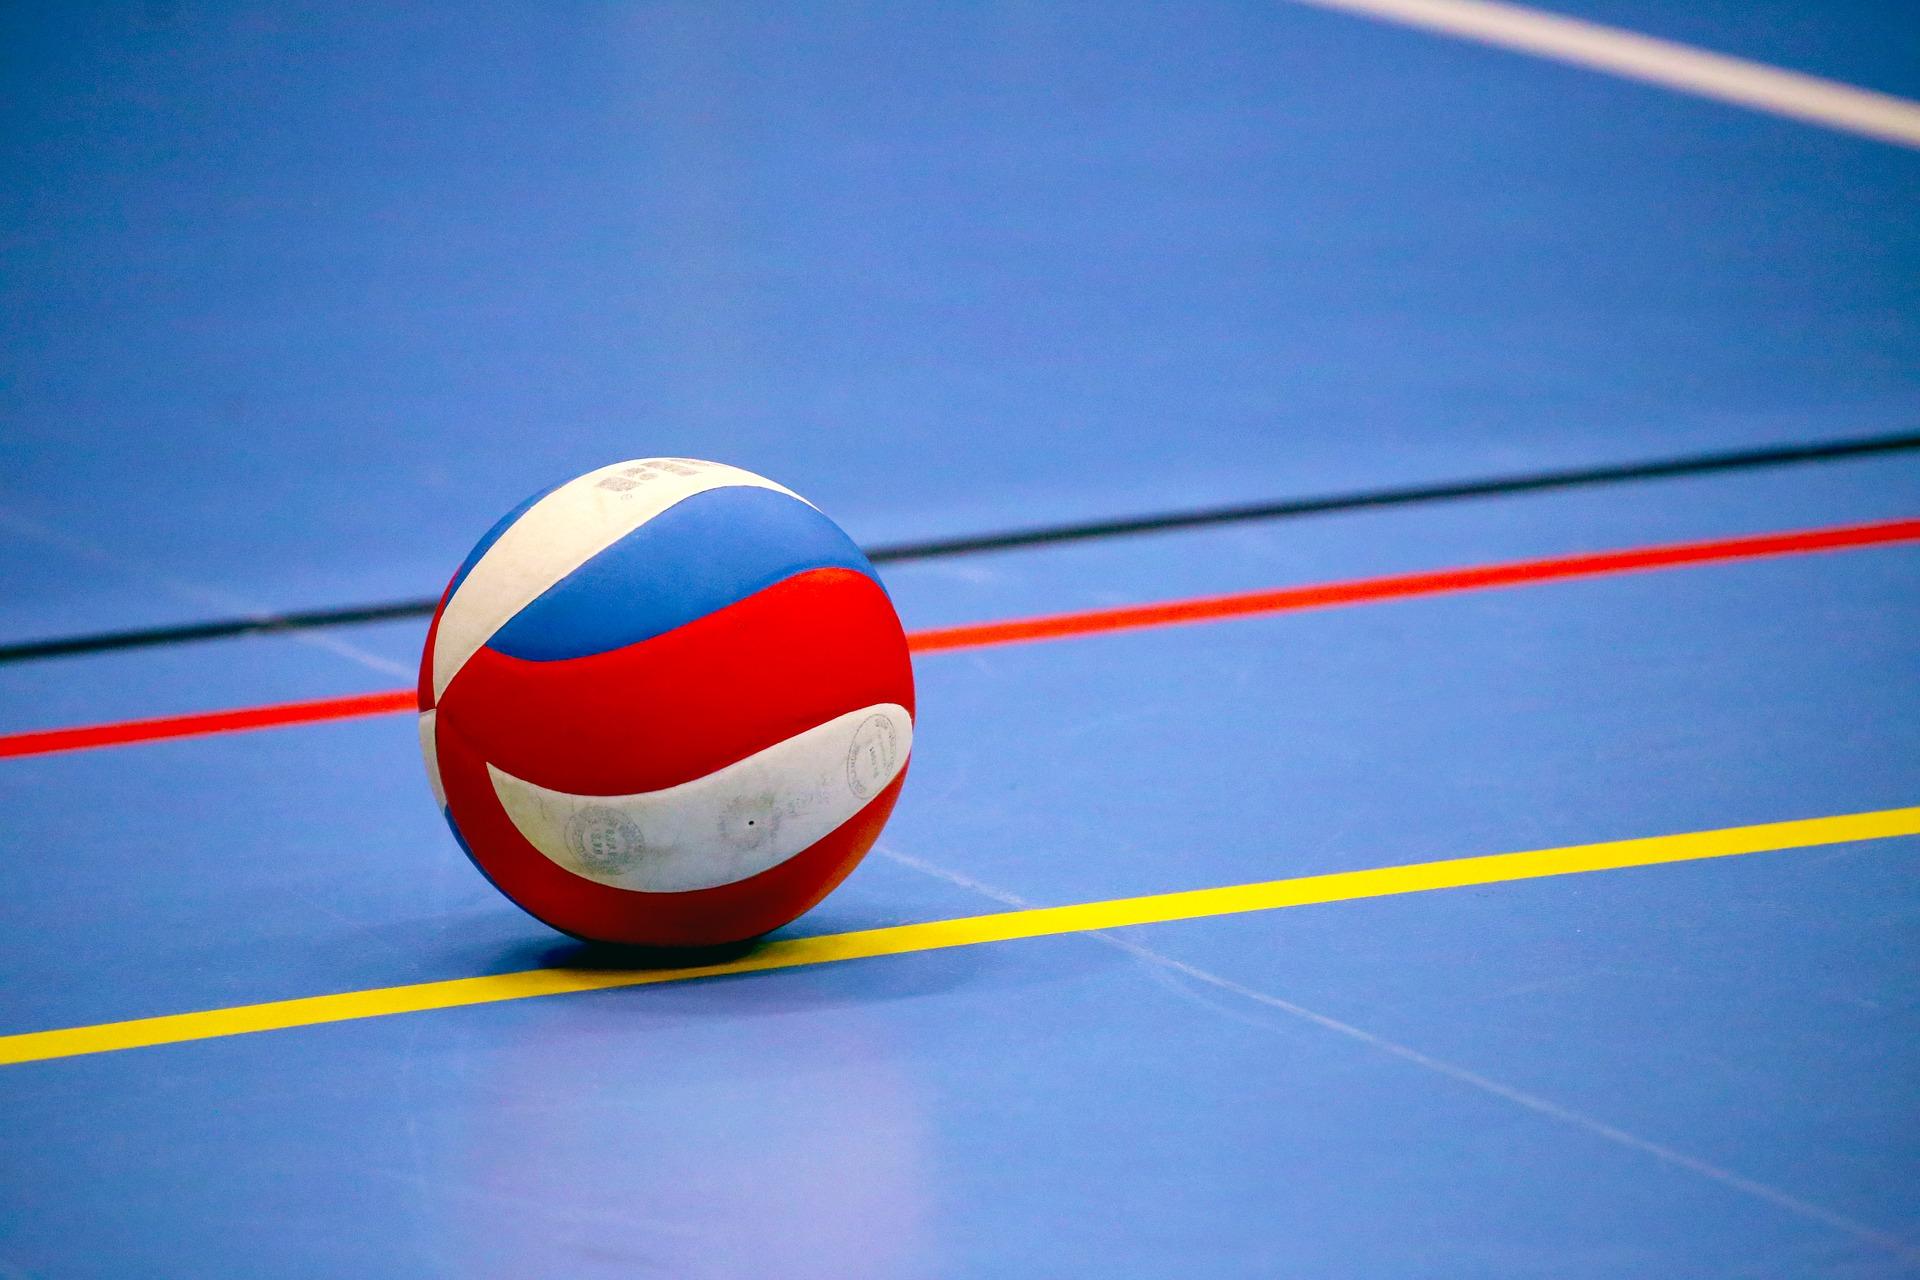 Волейболисты Рязановского вернулись к онлайн-тренировкам